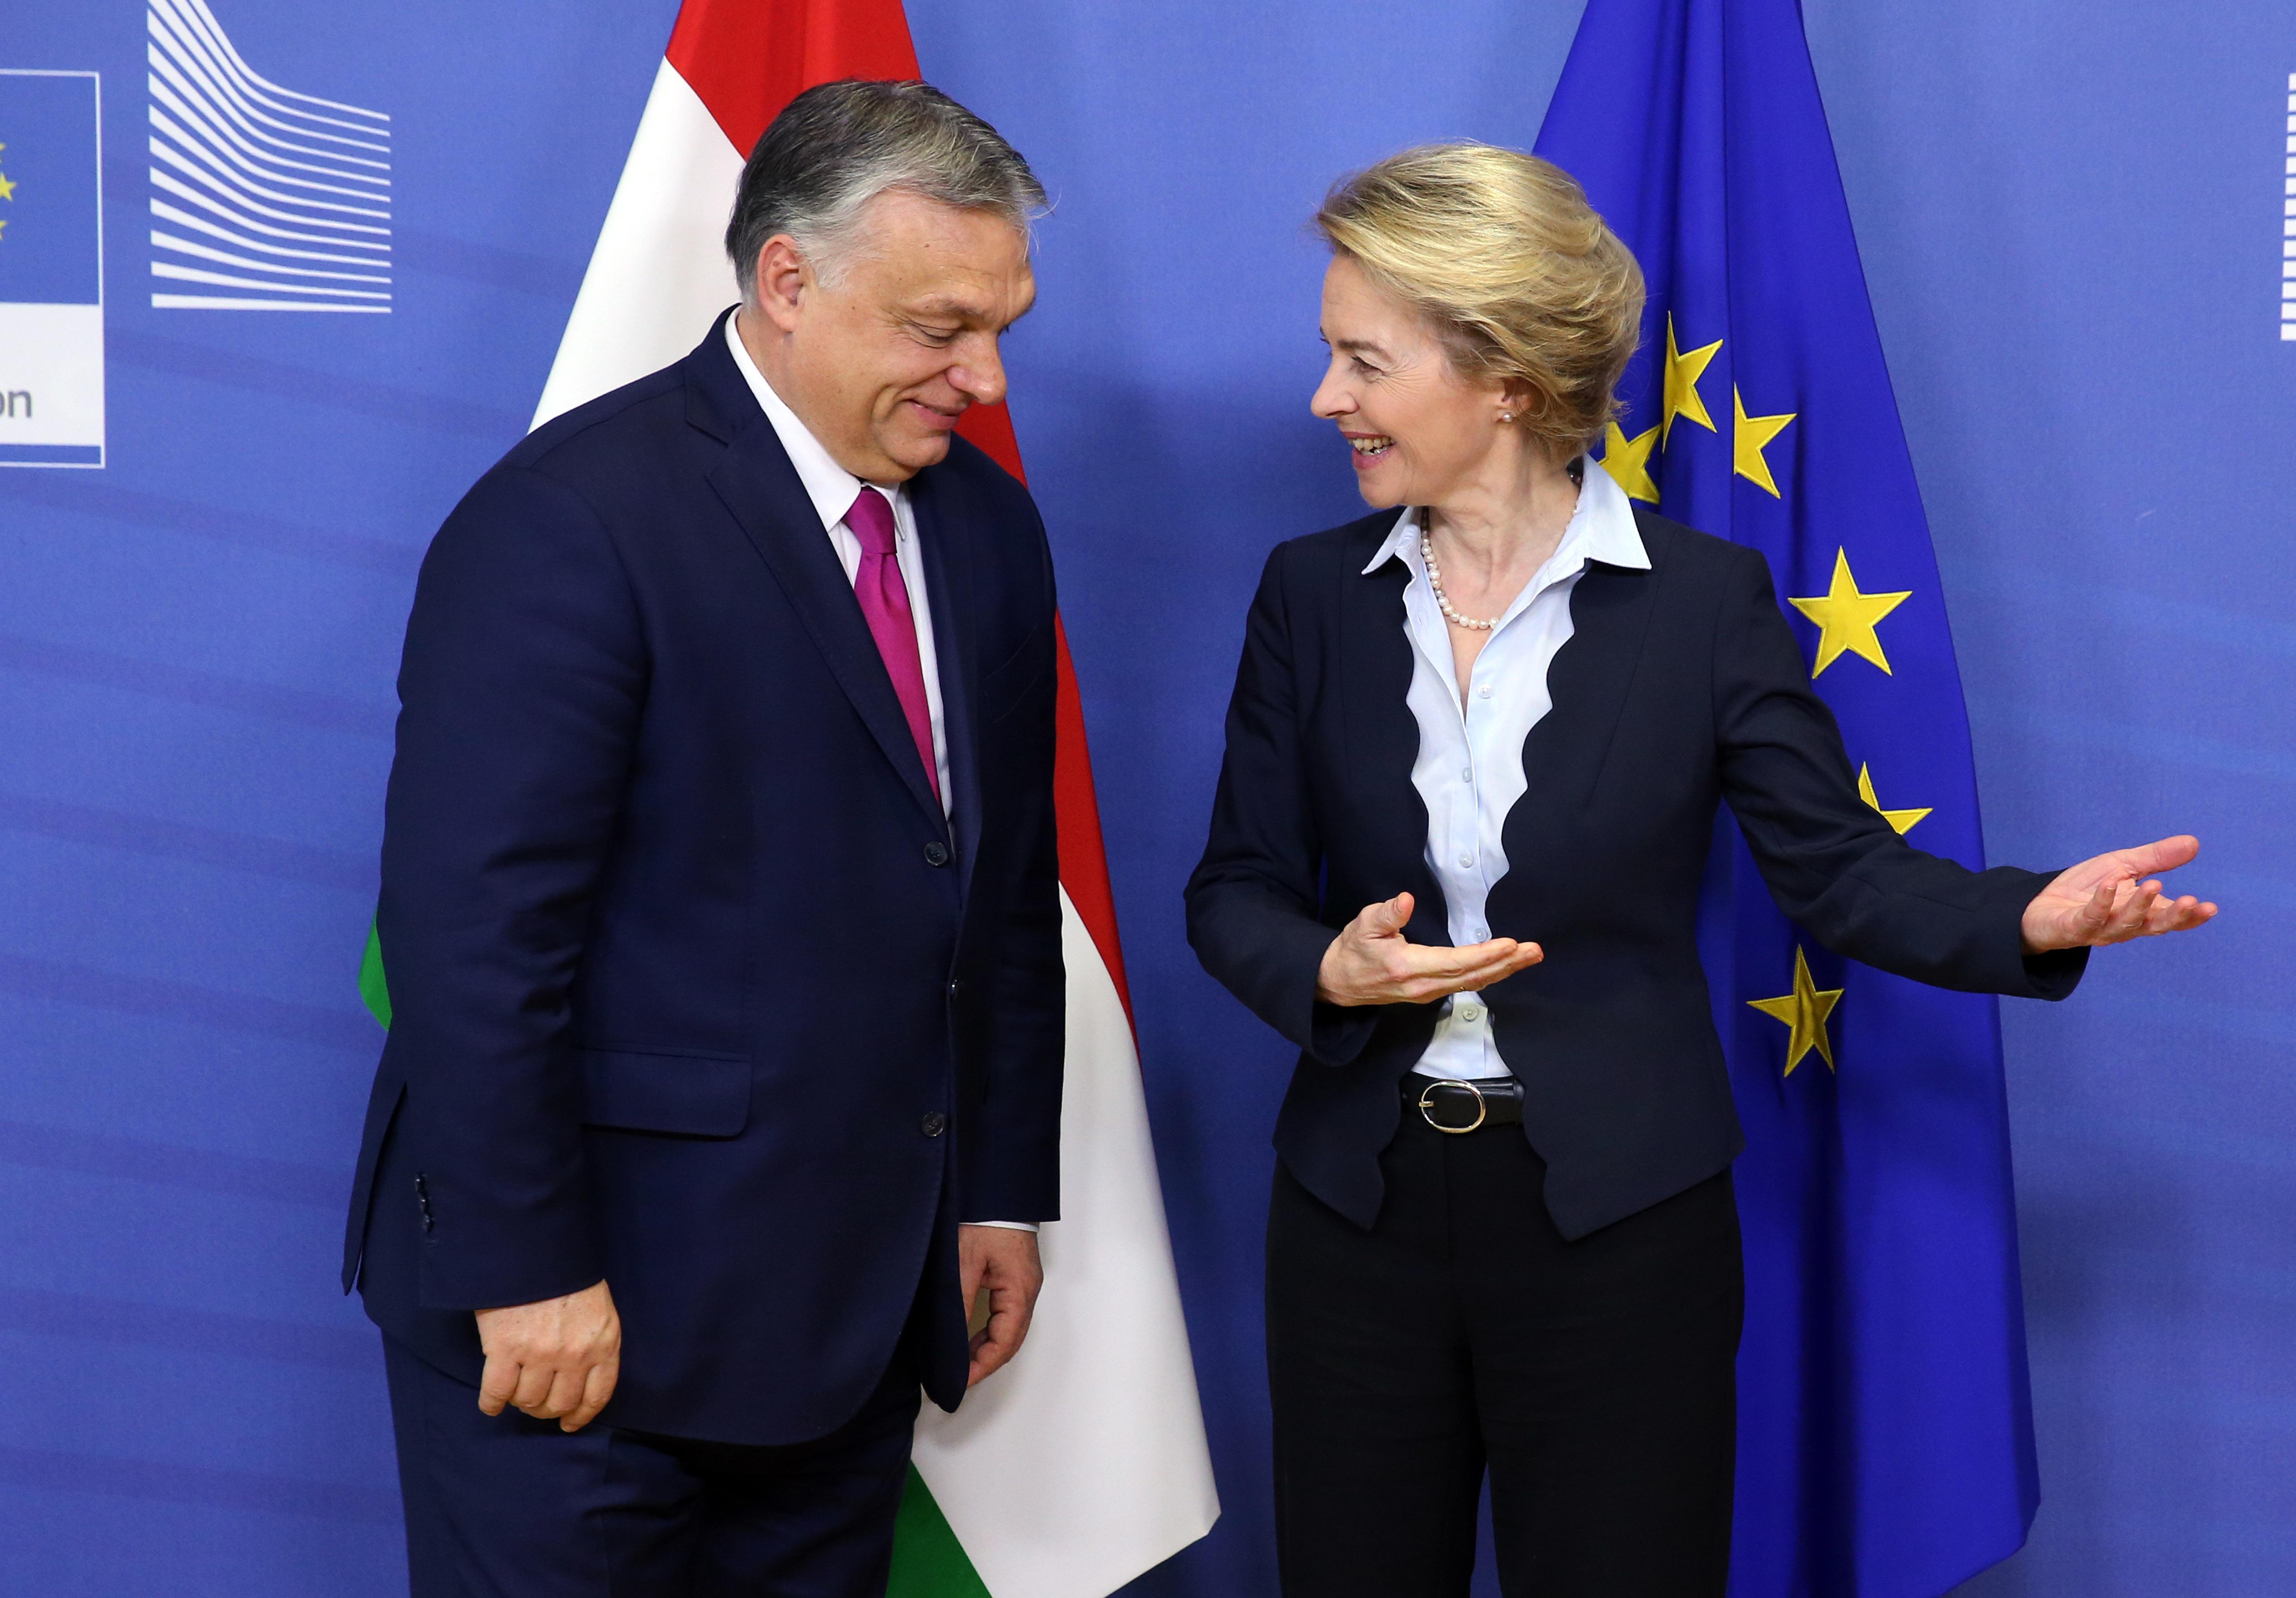 Újabb, 7. cikkely szerinti eljárás indulhat a magyar kormány ellen